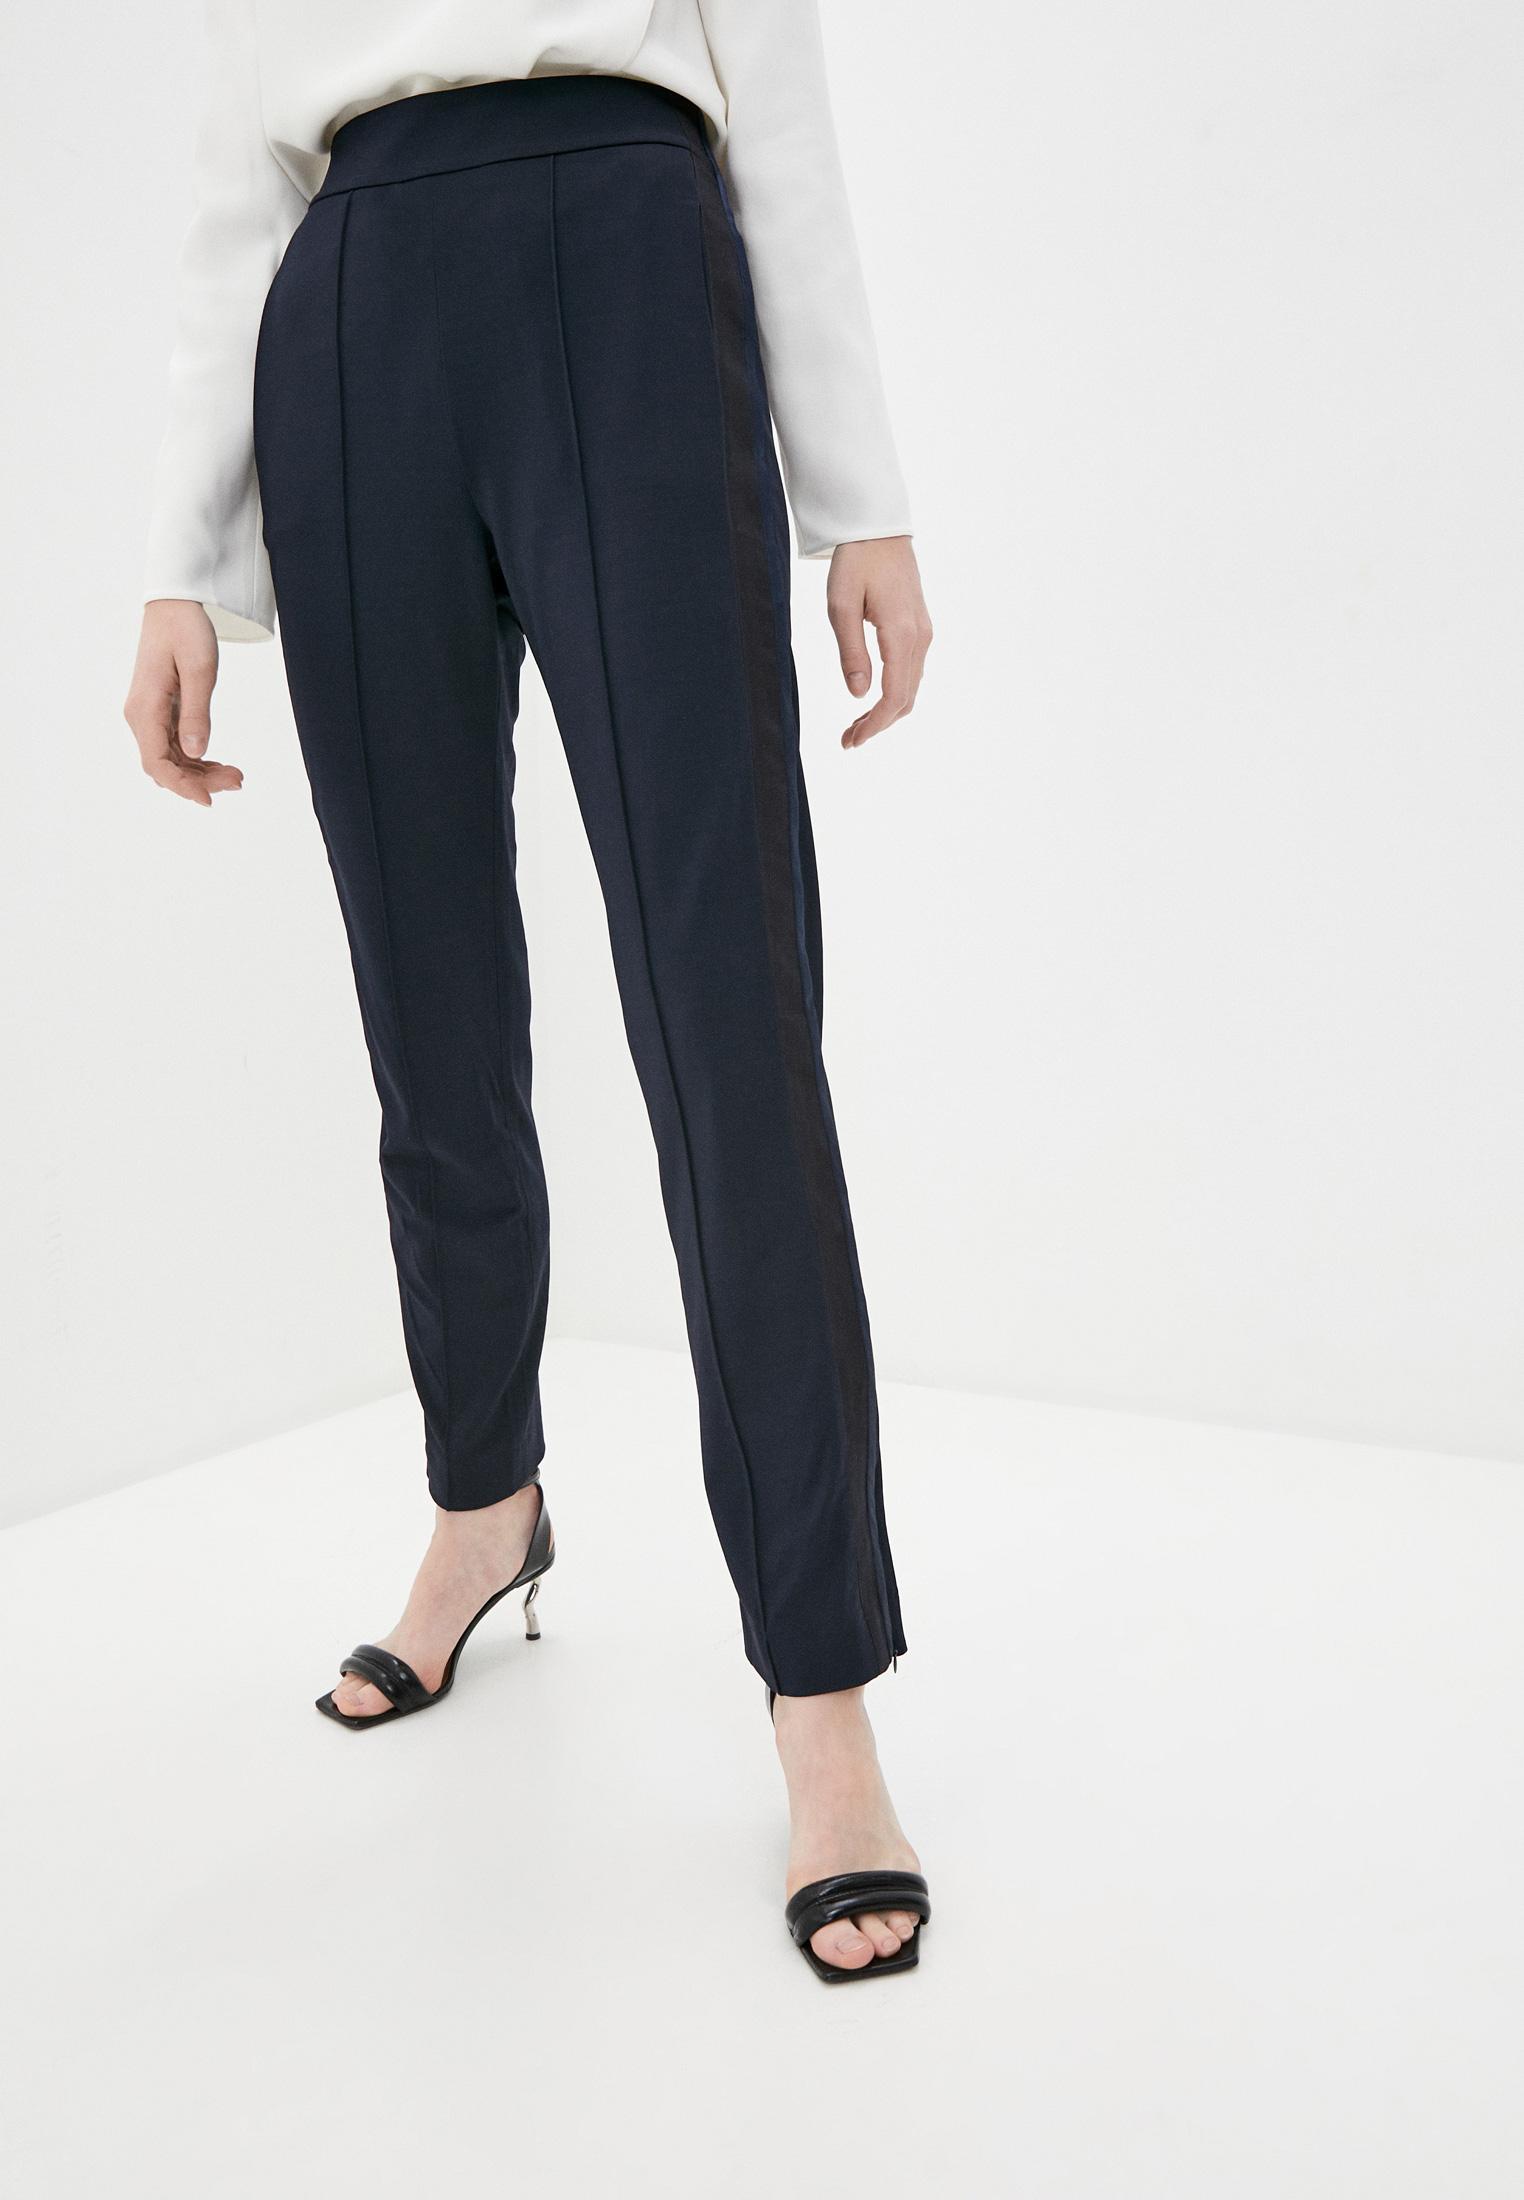 Женские классические брюки Emporio Armani Брюки Emporio Armani